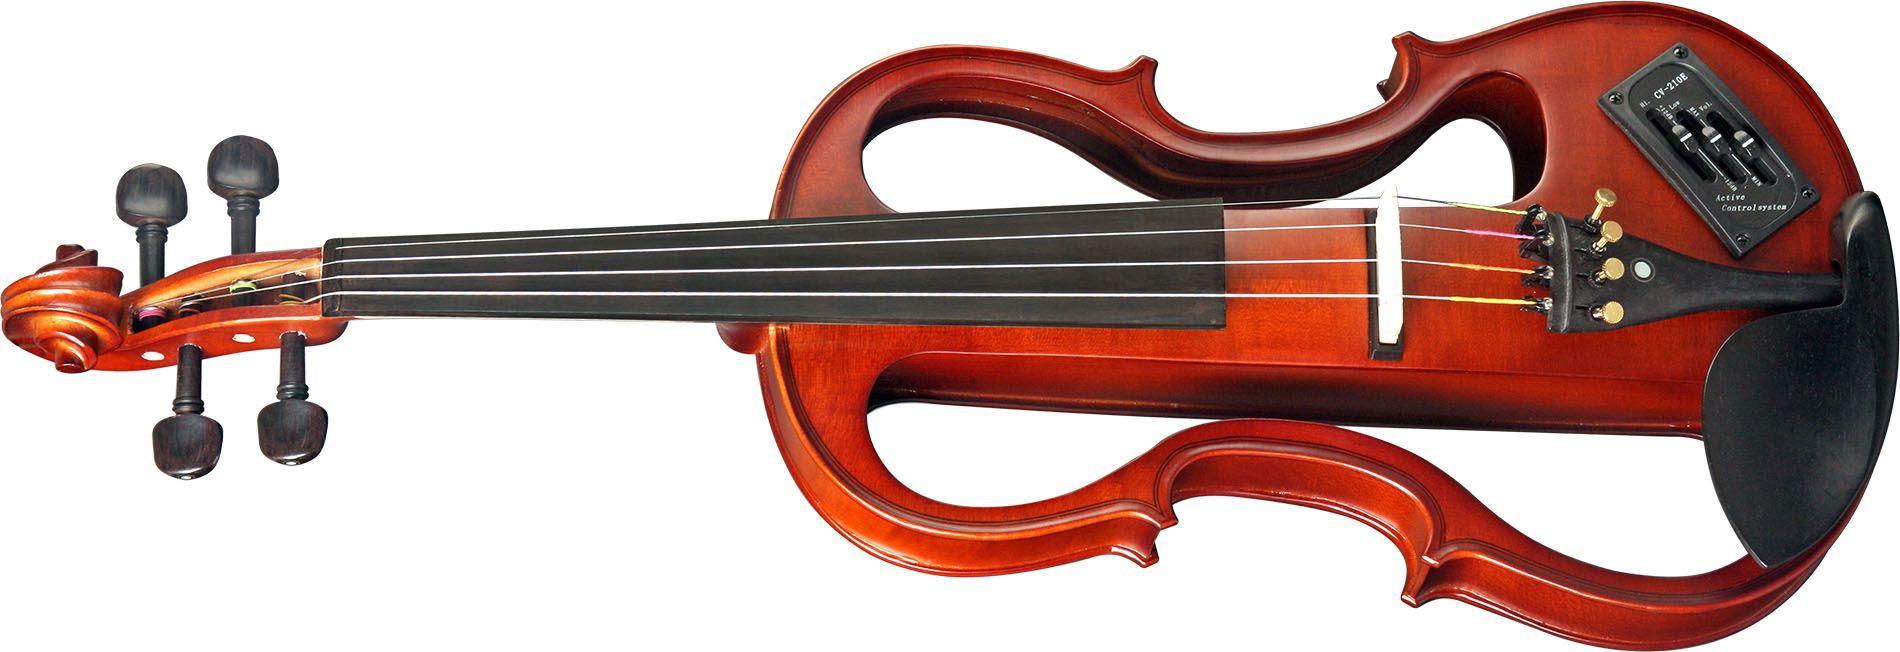 Violino Eagle EVK 744 4/4 - Elétrico